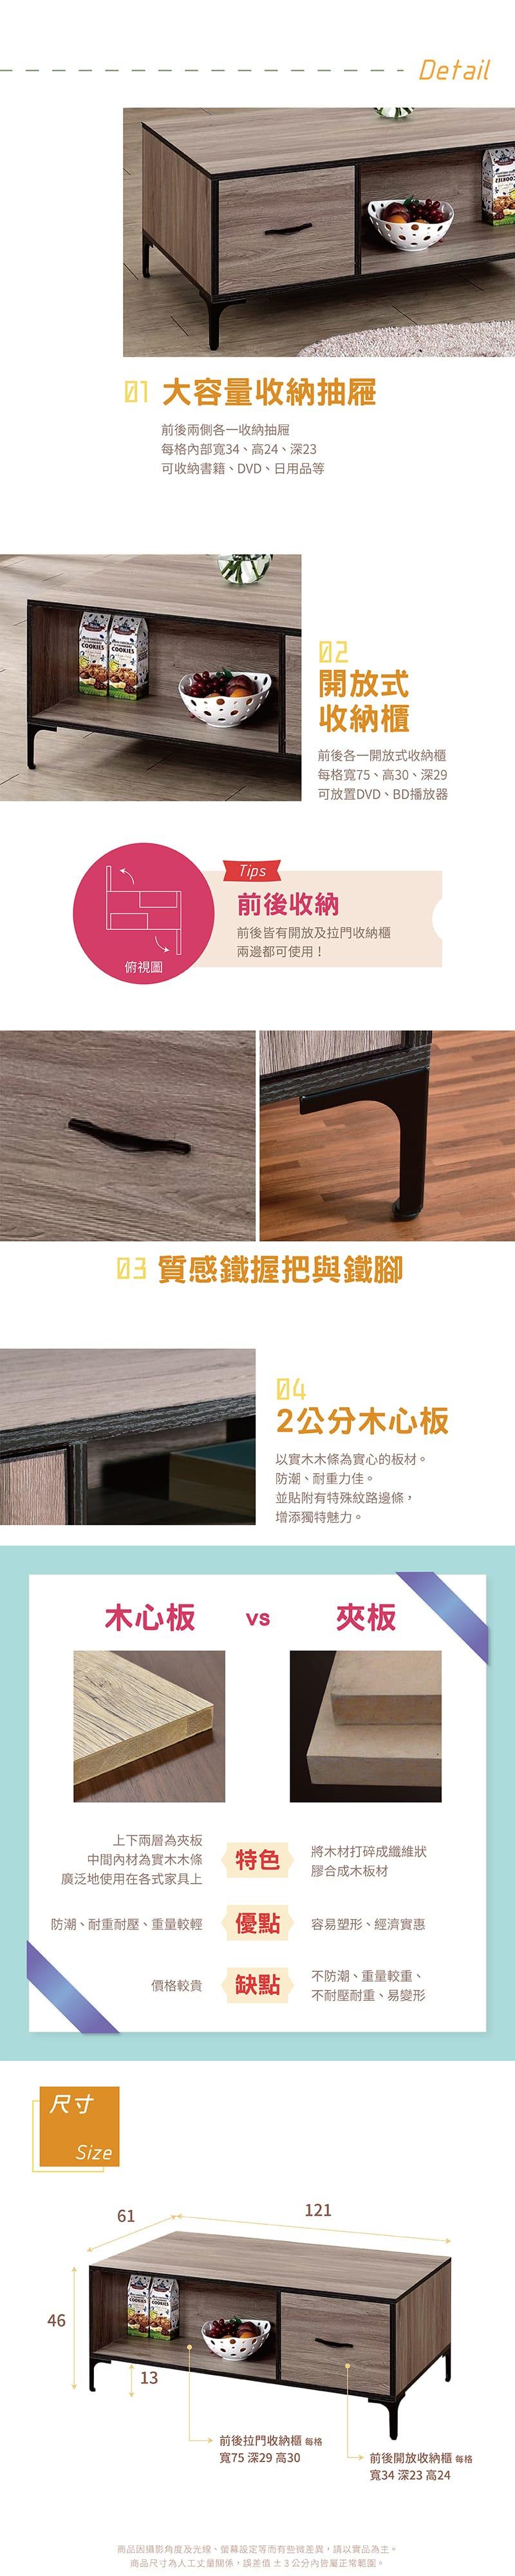 工業風收納茶几 寬121cm(客廳桌系列)【薩爾】